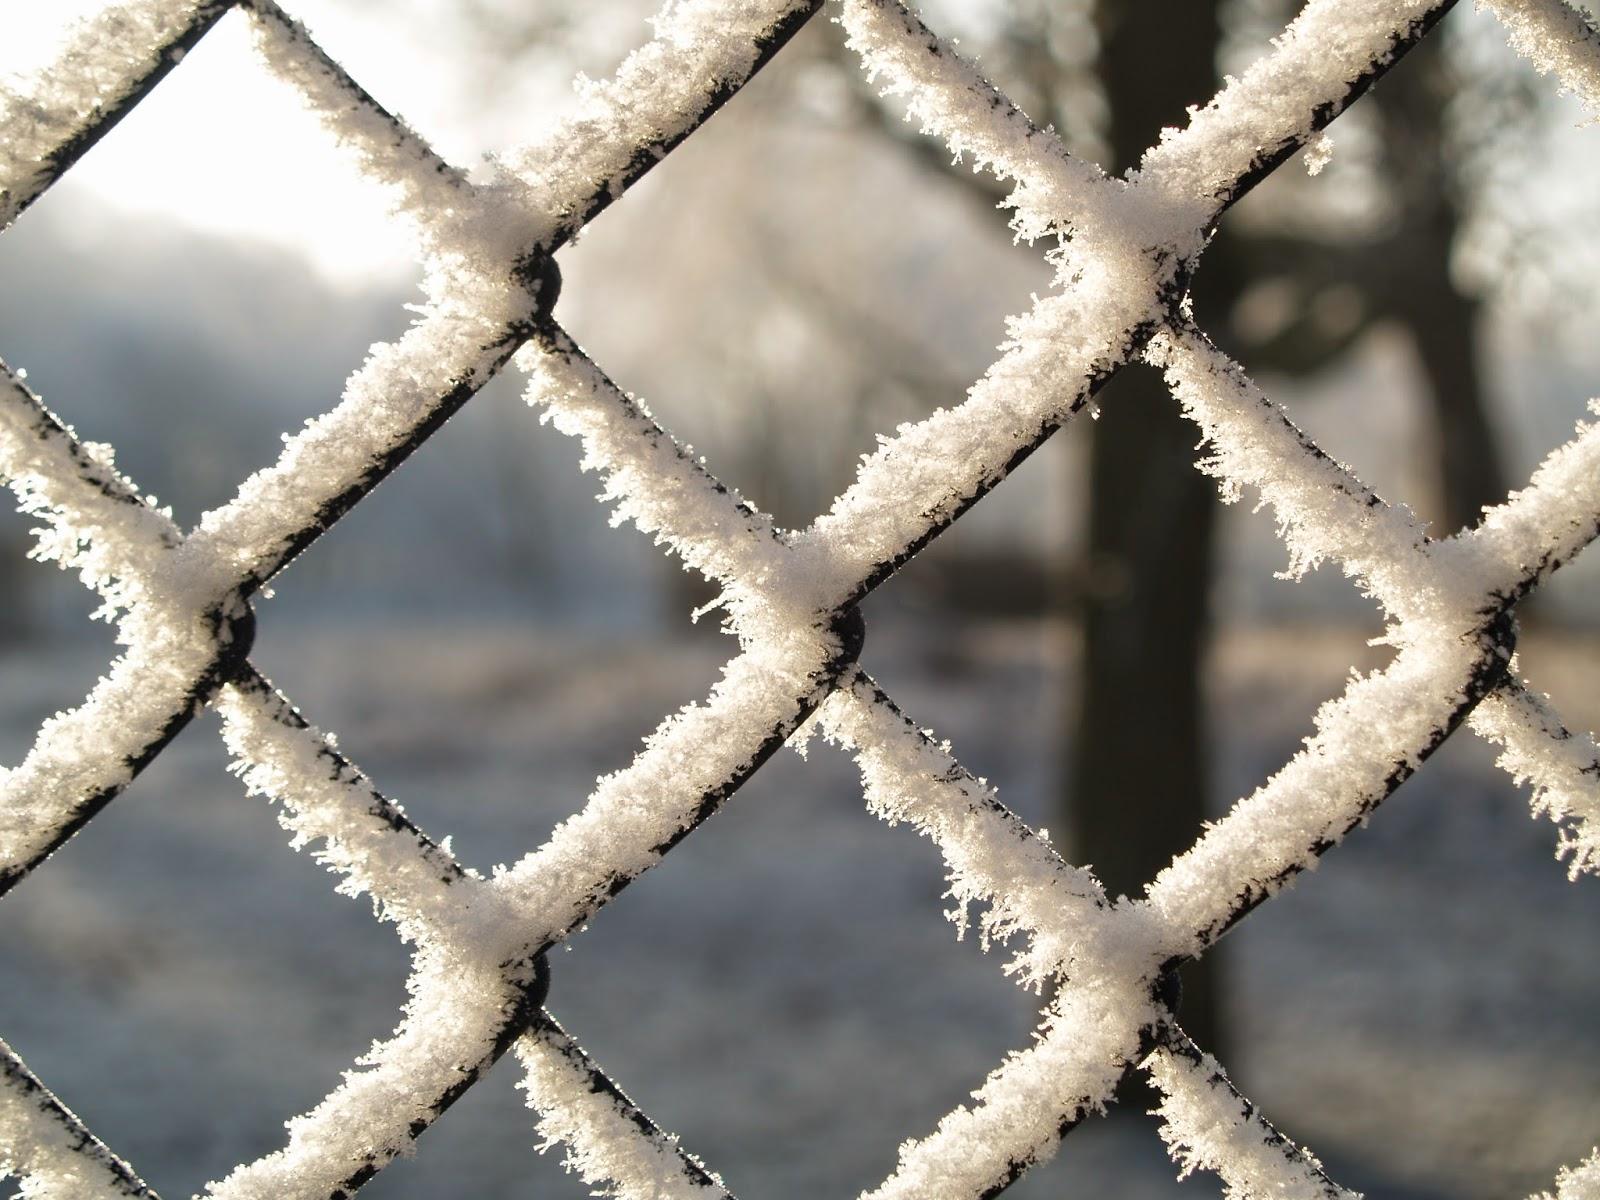 sneeuw winter januari moestuin volkstuin